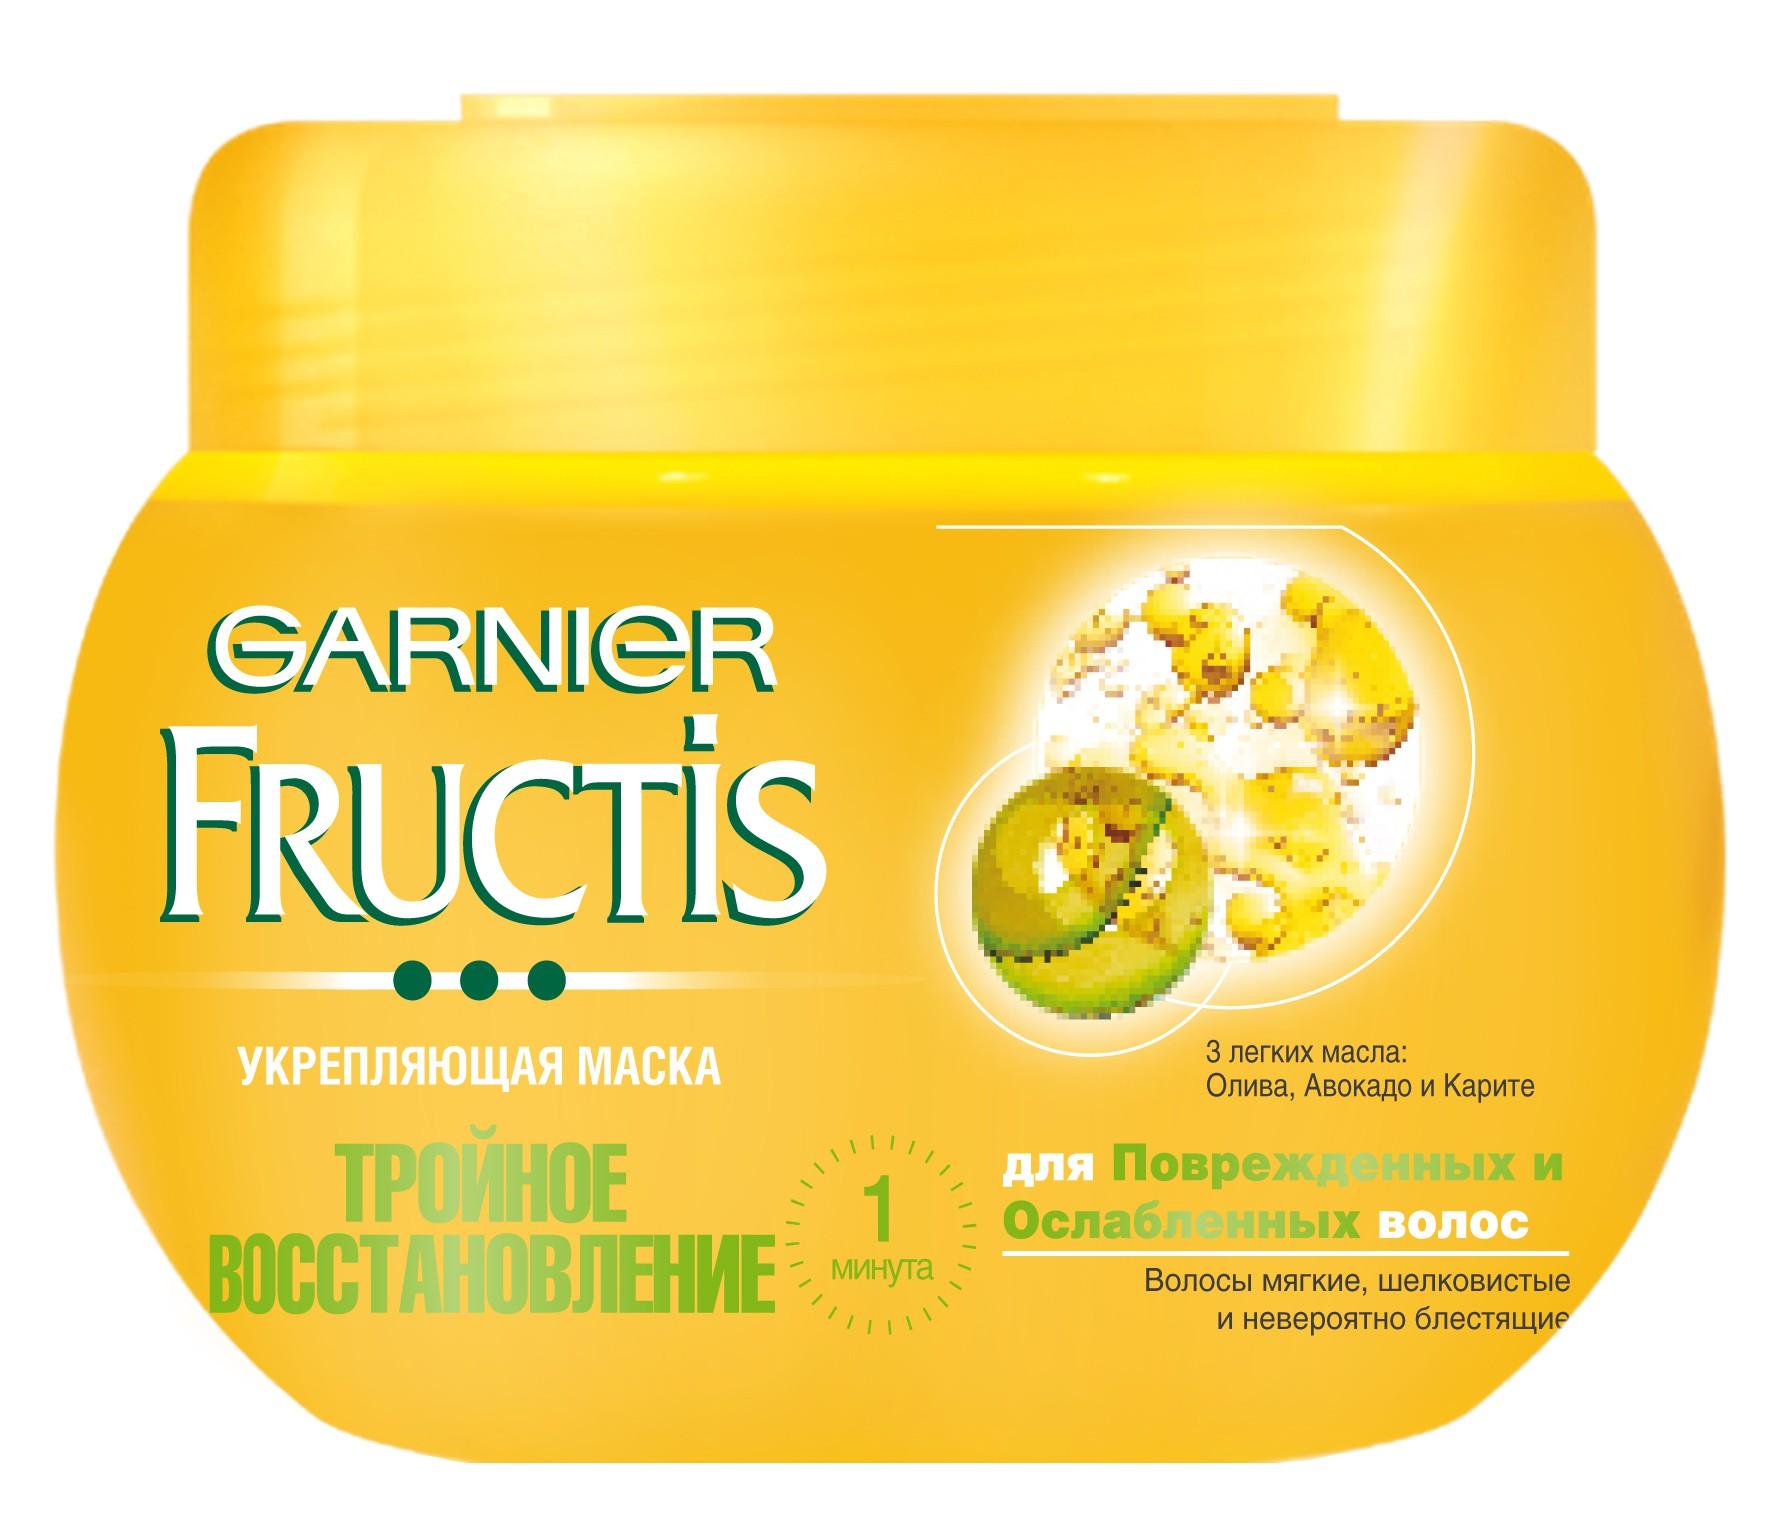 Garnier Fructis Маска для волос Фруктис, Тройное Восстановление, укрепляющая, для поврежденных и ослабленных волос, 300 мл, с маслами Оливы, Авокадо и КаритеC3452019Маска для волос сила трех масел для Тройного Восстановления. 3 масла проникают в каждый слой волоса, глубоко восстанавливают и укрепляют его изнутри. Секрет формулы: Масло оливы: возвращает волосам здоровый блеск. Масло авокадо: придает мягкость. Масло карите: делает волосы более шелковистыми. Измерено и доказано: волосы в 2 раза более сильные, более блестящие и шелковистые. Волосы мягкие, шелковистые и невероятно блестящие.